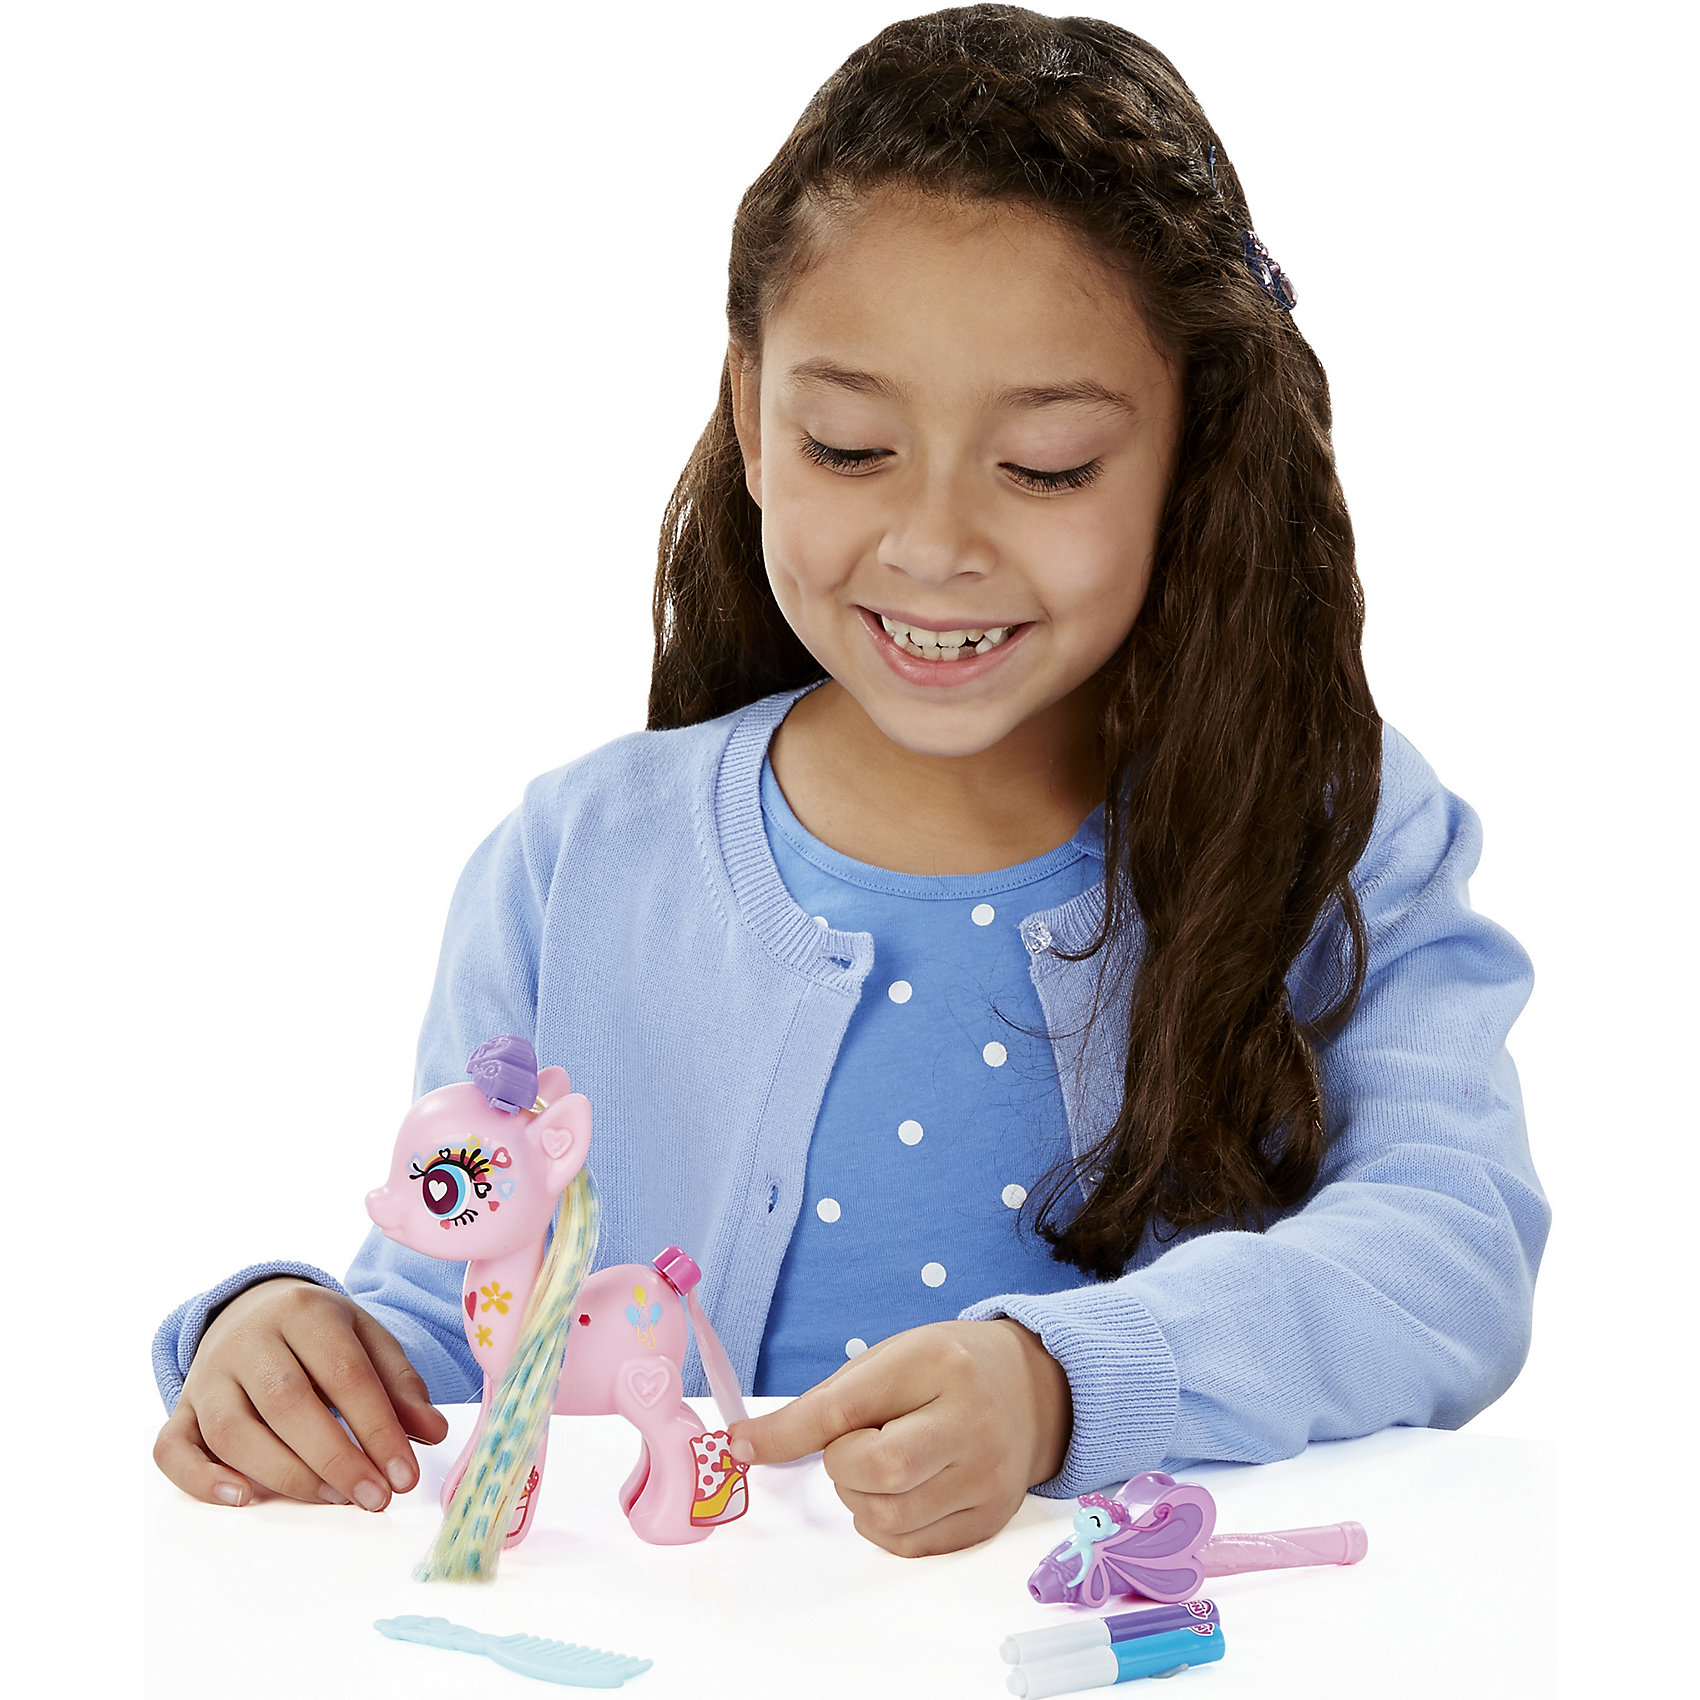 Тематический набор Создай свою пони Пинки Пай, My little Pony, B3591/B5792Игрушки<br>Тематический набор Создай свою пони, My little Pony, B3591/B5792.<br><br>Характеристики:<br><br>- В наборе: фигурка пони Пинки Пай (из двух половинок), две пряди с заколками, 1 хвост, аэромаркер (2 цвета), расческа, наклейки<br>- Можно комбинировать с другими наборами серии<br>- Материал: высококачественная пластмасса<br>- Размер упаковки: 15х2х16 см.<br><br>Игровой набор Создай свою пони станет приятным подарком для девочки - поклонницы мультсериала Моя маленькая пони. Дружба - это чудо!. Малышка сможет самостоятельно соединить две части пони вместе и, благодаря специальным накладным прядям, создать неповторимый образ для пони Пинки Пай. Пряди на заколках сделаны из качественного искусственного волокна. Маркерам, входящими в набор, их можно раскрашивать. Множество декоративных наклеек из набора помогут Пинки Пай обрести уникальный внешний вид. Игрушка выполнена из высококачественной пластмассы и имеет поразительное сходство с героиней мультсериала. Игровой набор позволит придумать множество разных сюжетных линий, историй и развить фантазию и мелкую моторику. Фигурка отлично впишется в коллекцию девочки и подарит ей множество положительных эмоций. Детали набора можно комбинировать с элементами из других наборов Создай свою пони.<br><br>Тематический набор Создай свою пони, My little Pony, B3591/B5792 можно купить в нашем интернет-магазине.<br><br>Ширина мм: 35<br>Глубина мм: 229<br>Высота мм: 975<br>Вес г: 300<br>Возраст от месяцев: 48<br>Возраст до месяцев: 144<br>Пол: Женский<br>Возраст: Детский<br>SKU: 5064685